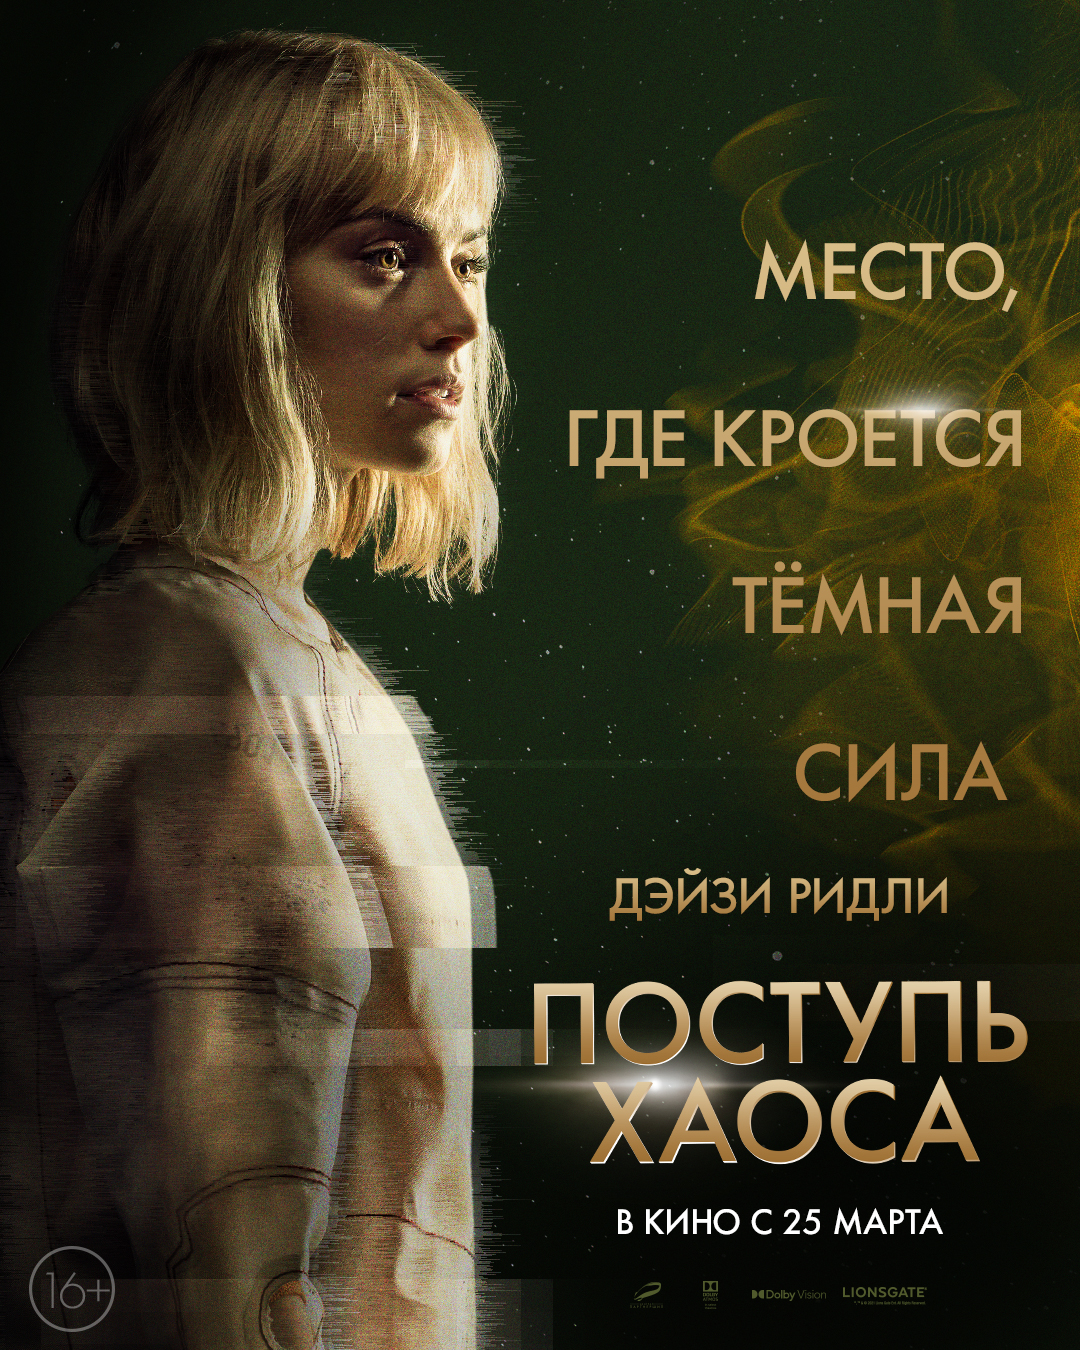 Поступь хаоса, постер № 18